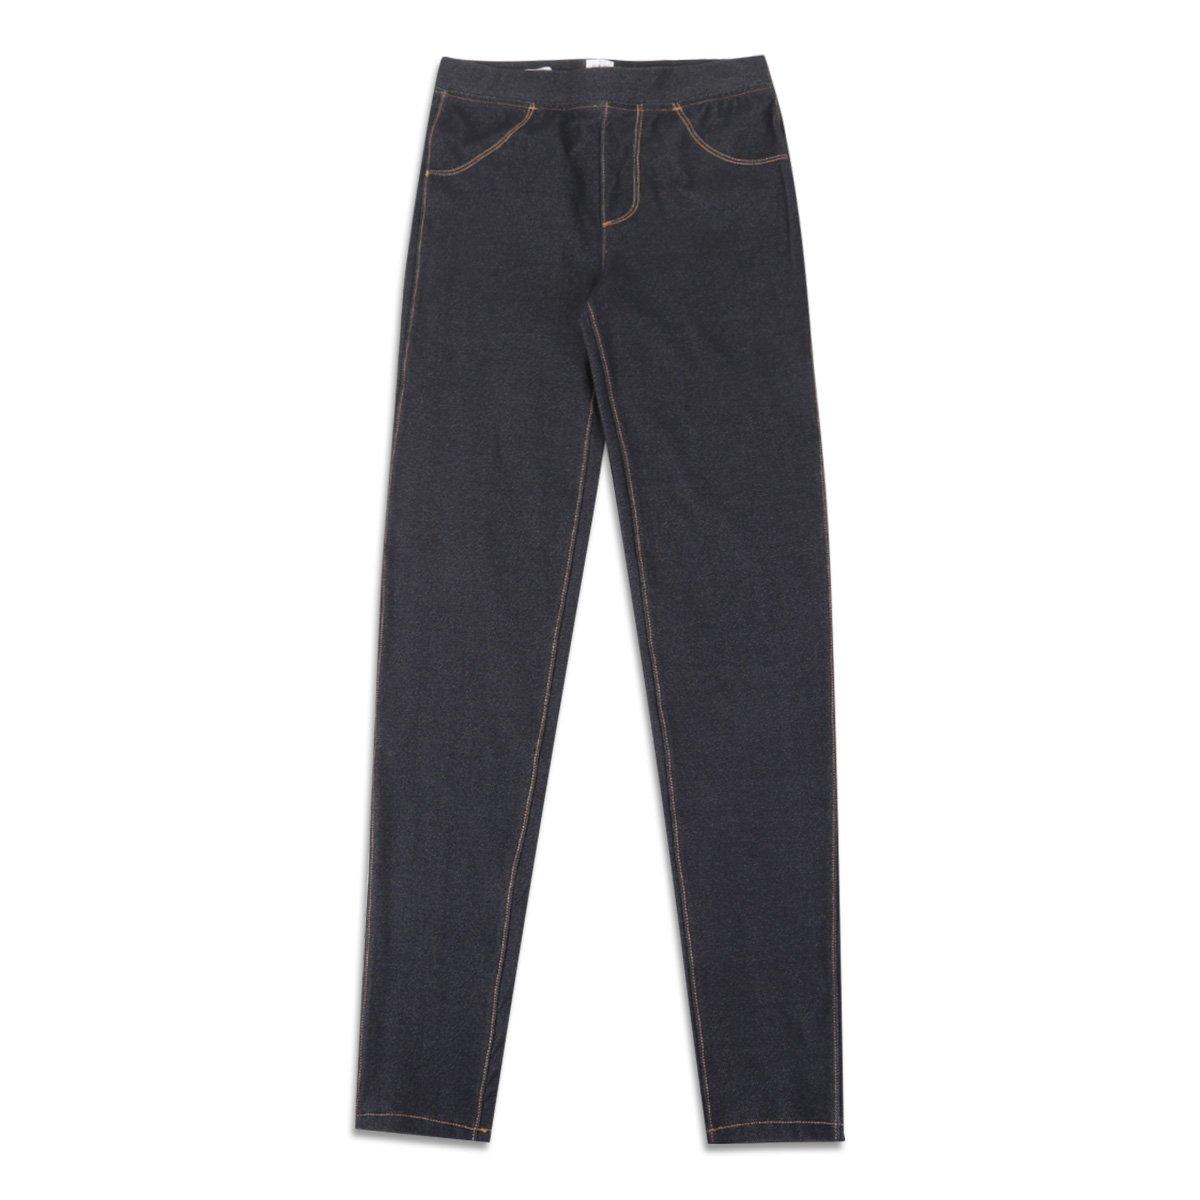 Calça GAP Malha Fake Jeans Feminina